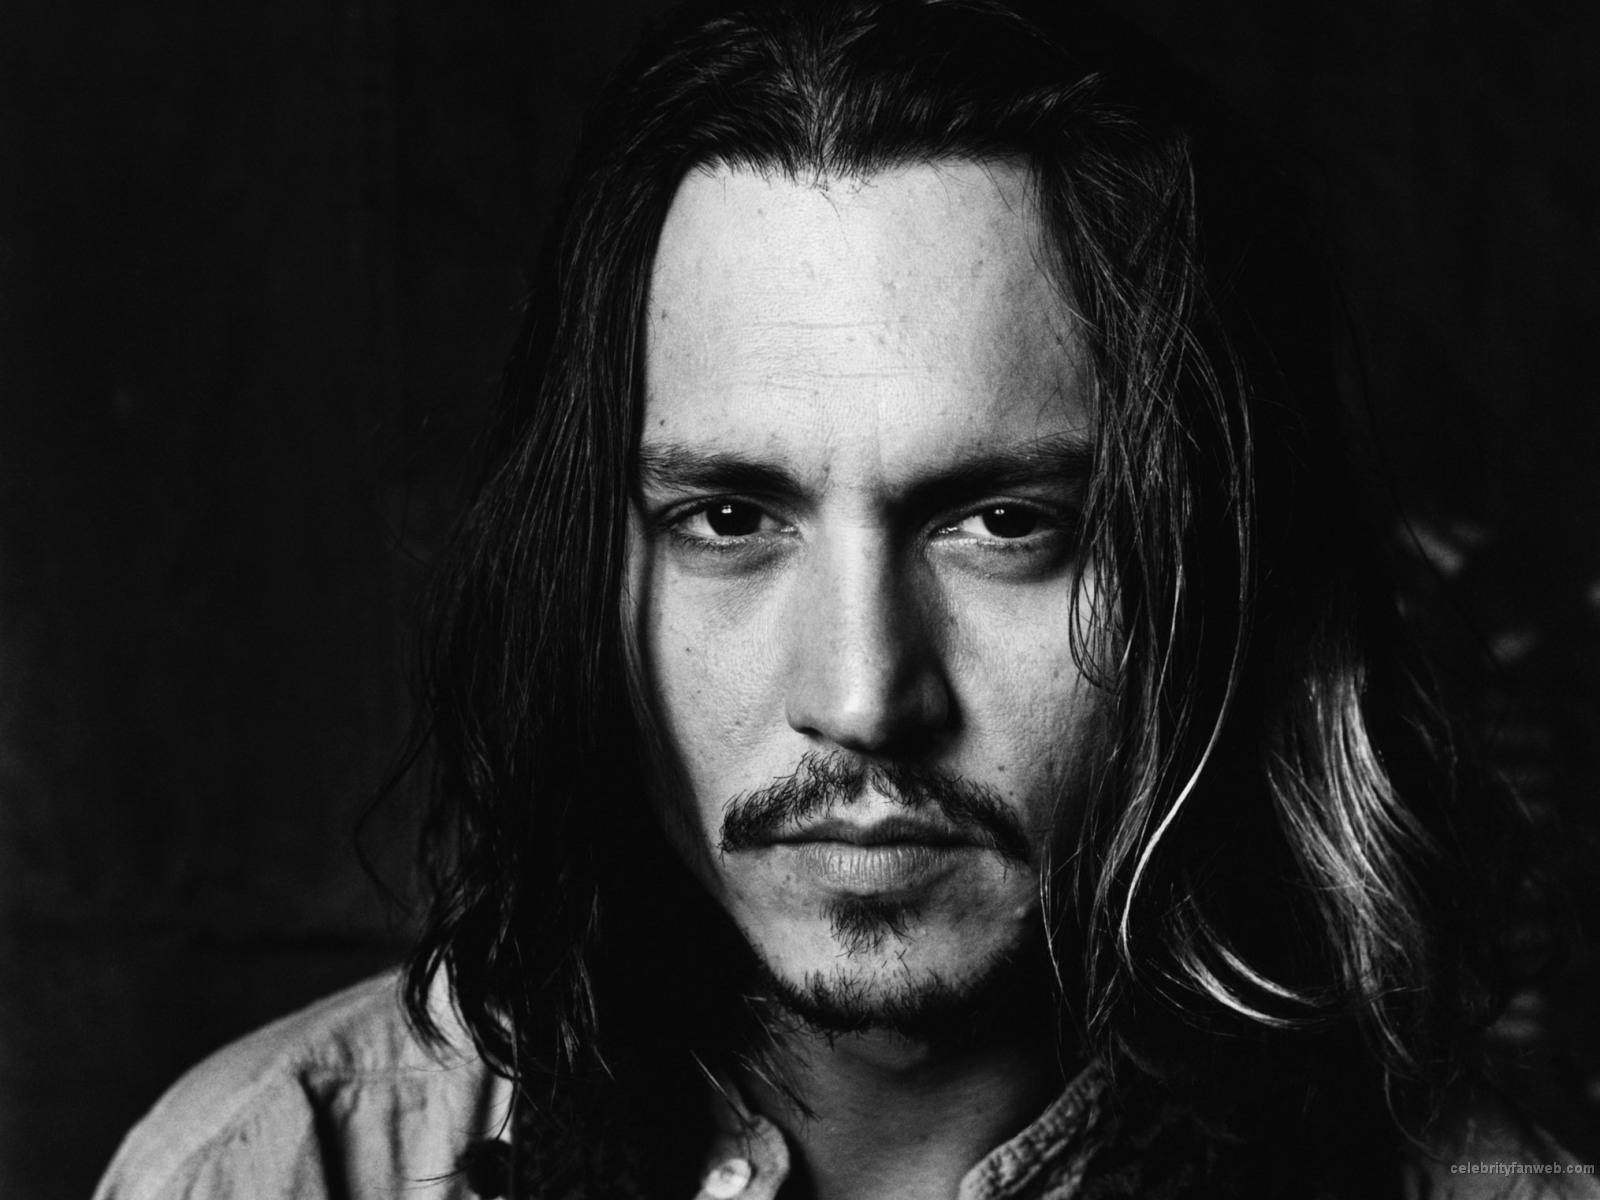 Johnny Depp Hd Wallpaper 39307